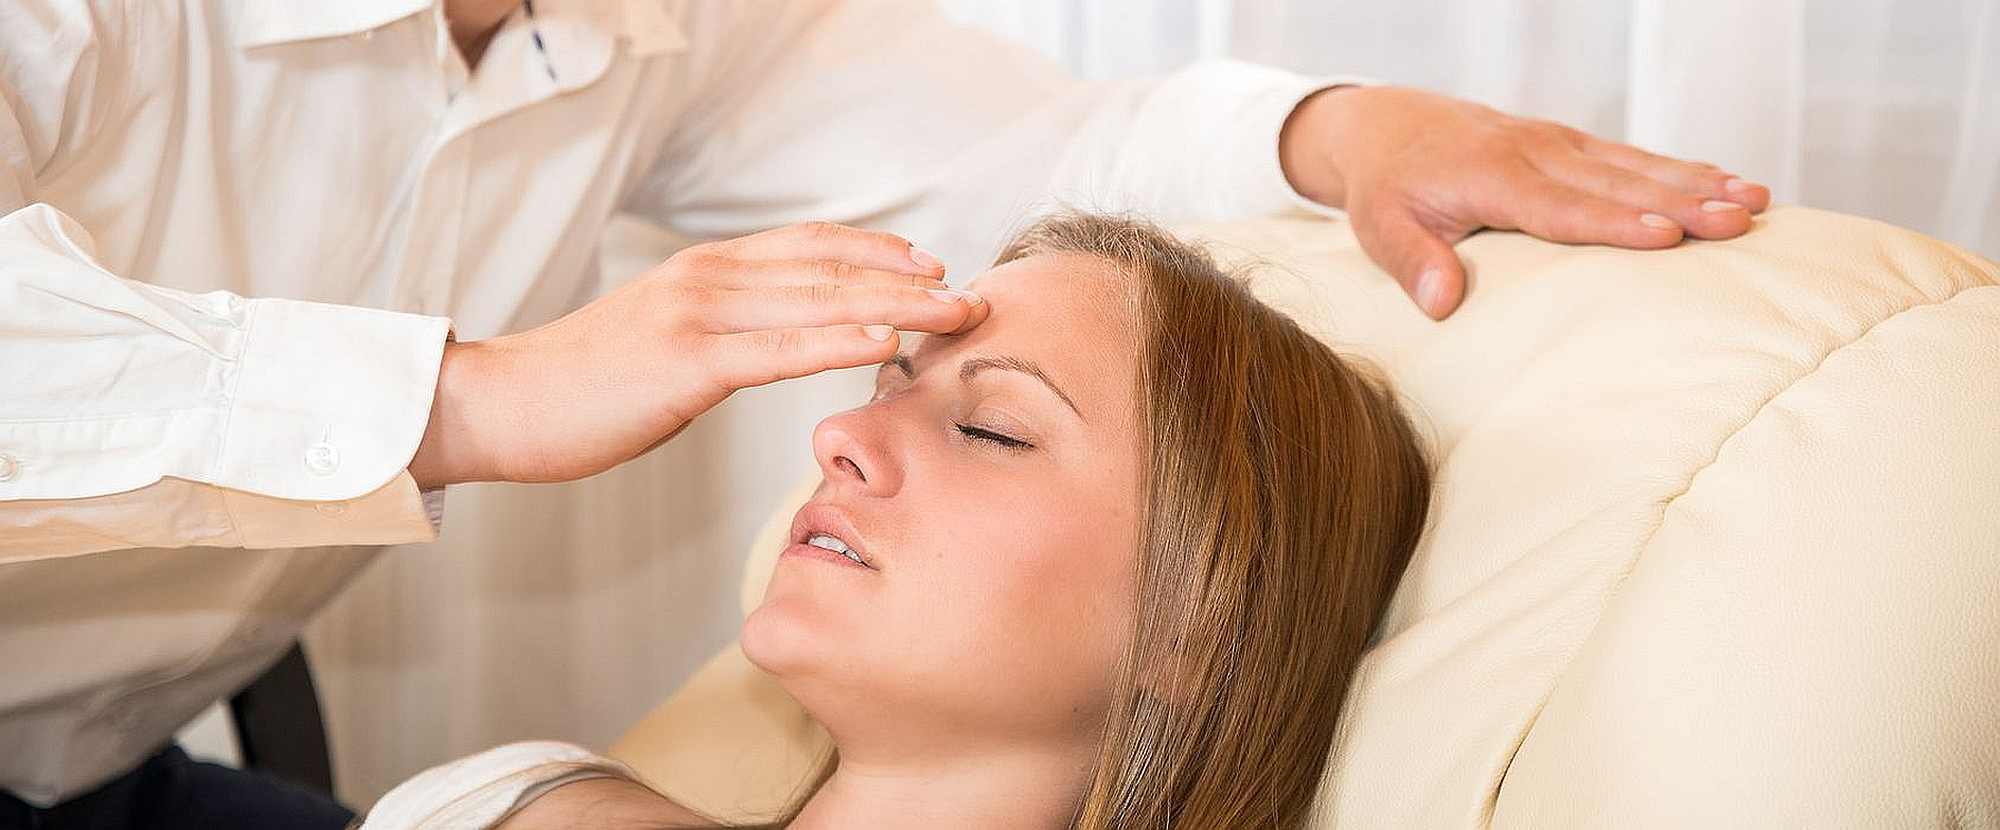 Hypnose wirkt: Tranceinduktion bei Frau